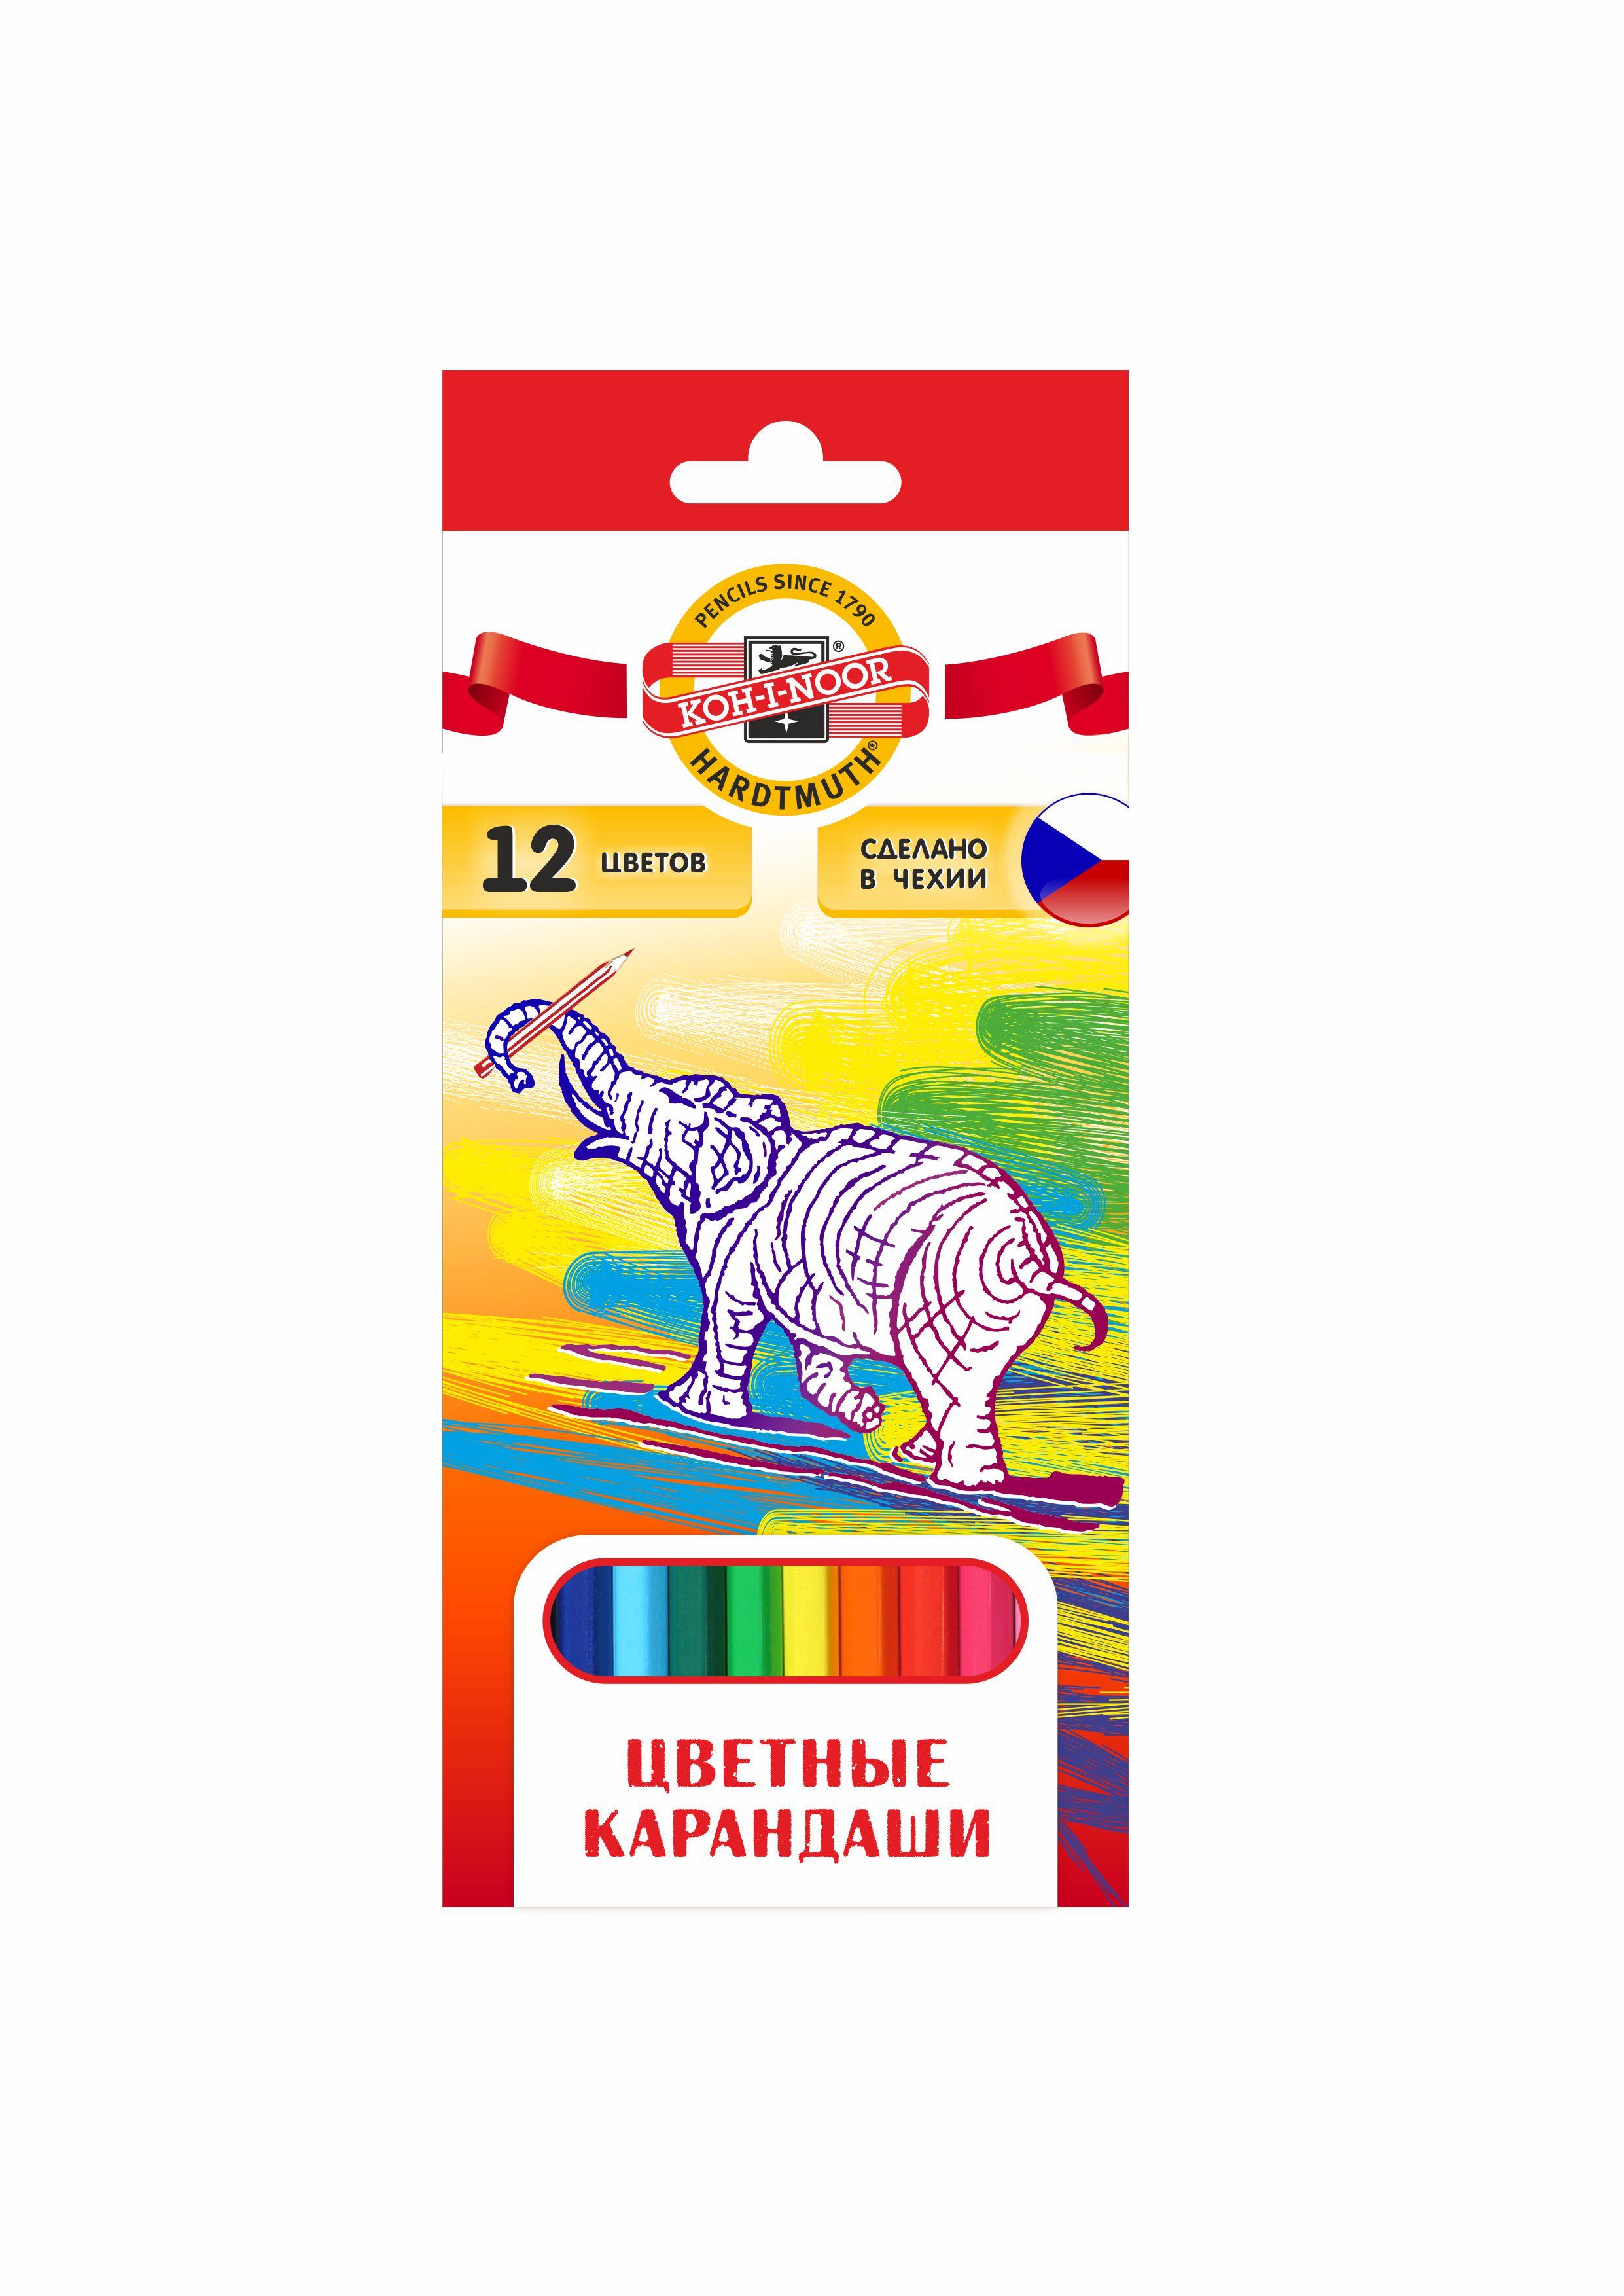 Разработка дизайна упаковки для чешского бренда KOH-I-NOOR фото f_17559edc53576488.jpg